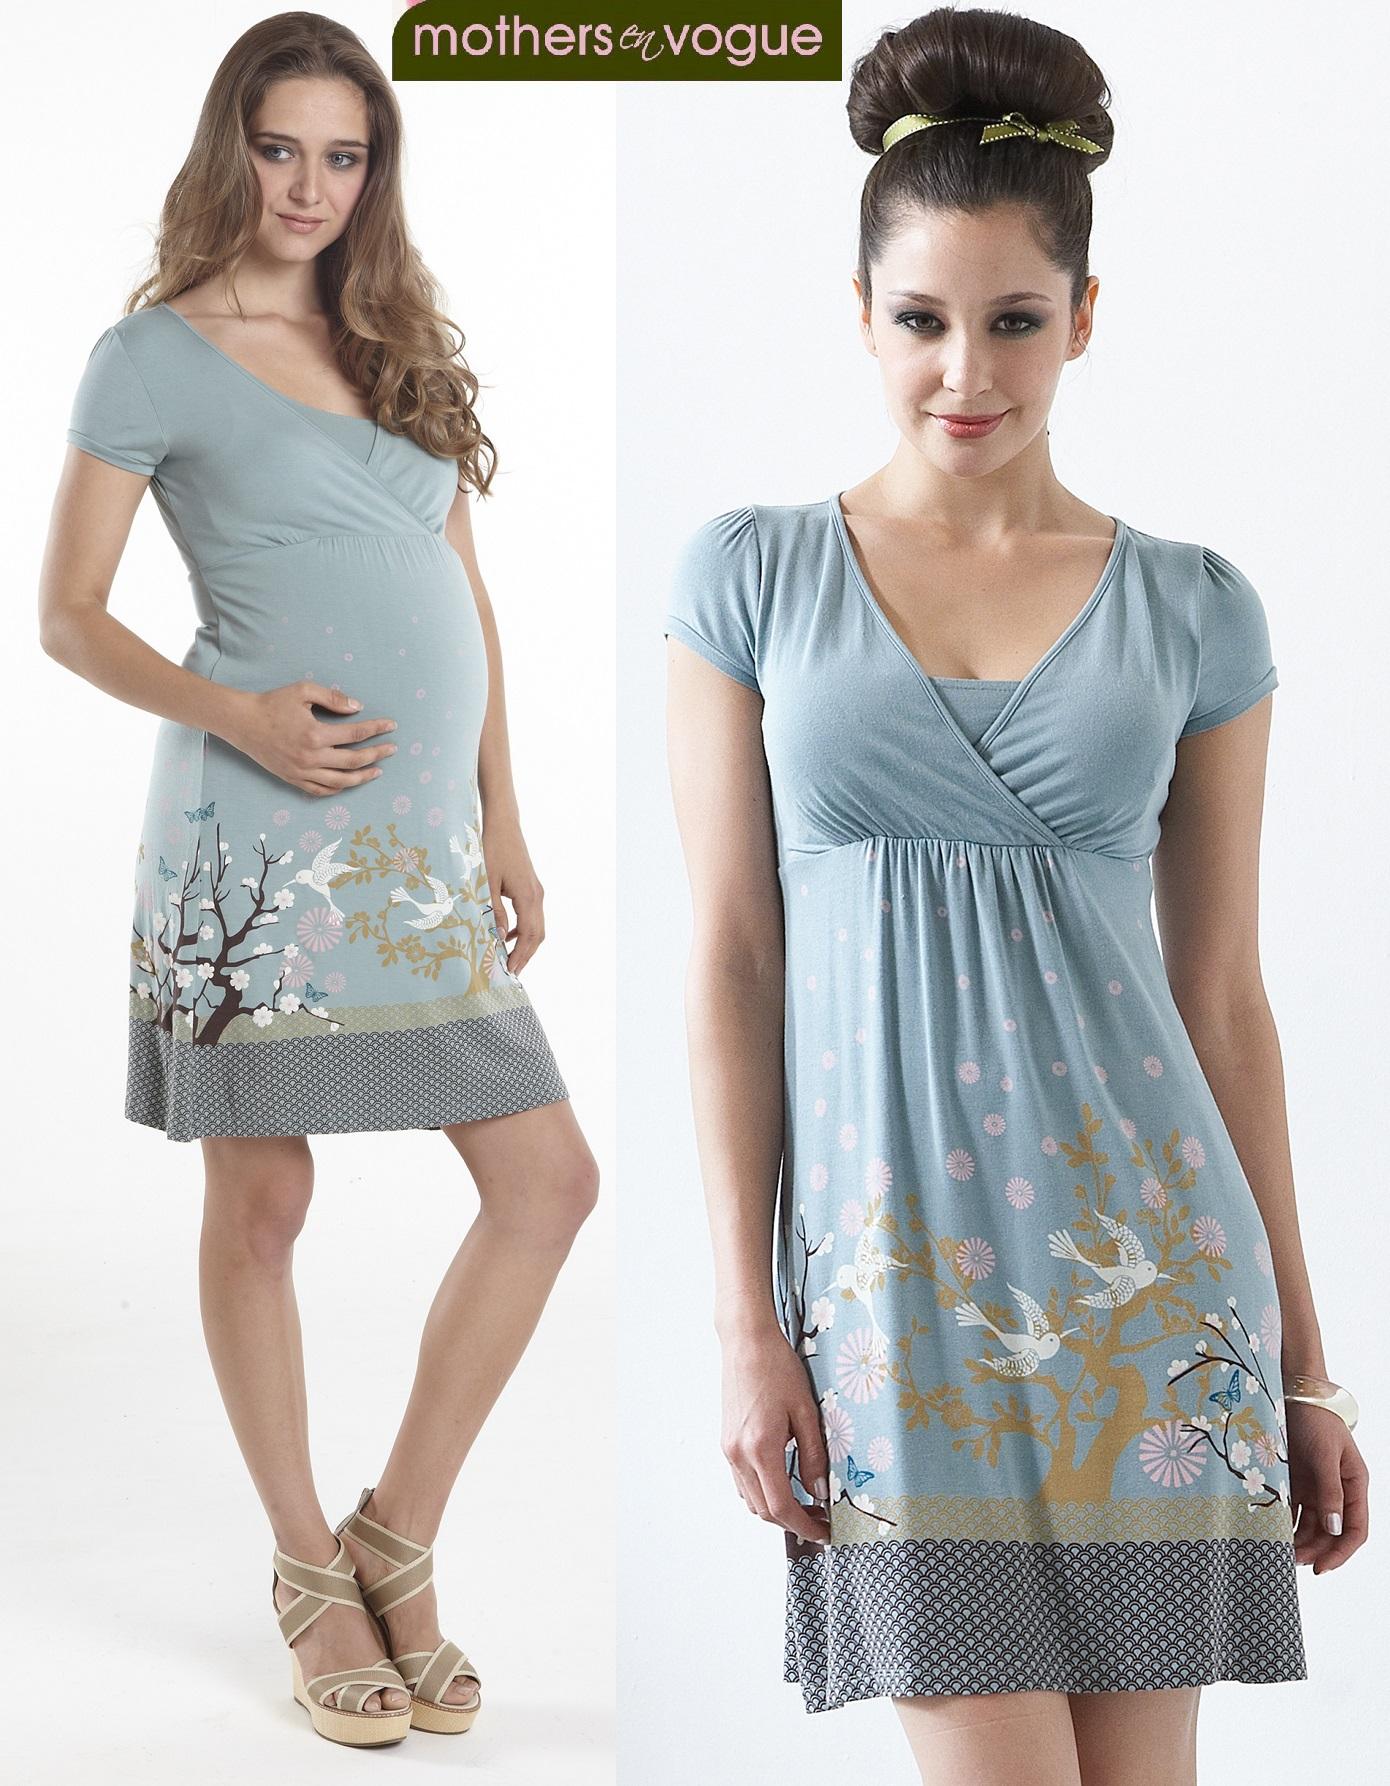 mothers-en-vogue-tara-nursing-dress-15-all.jpg